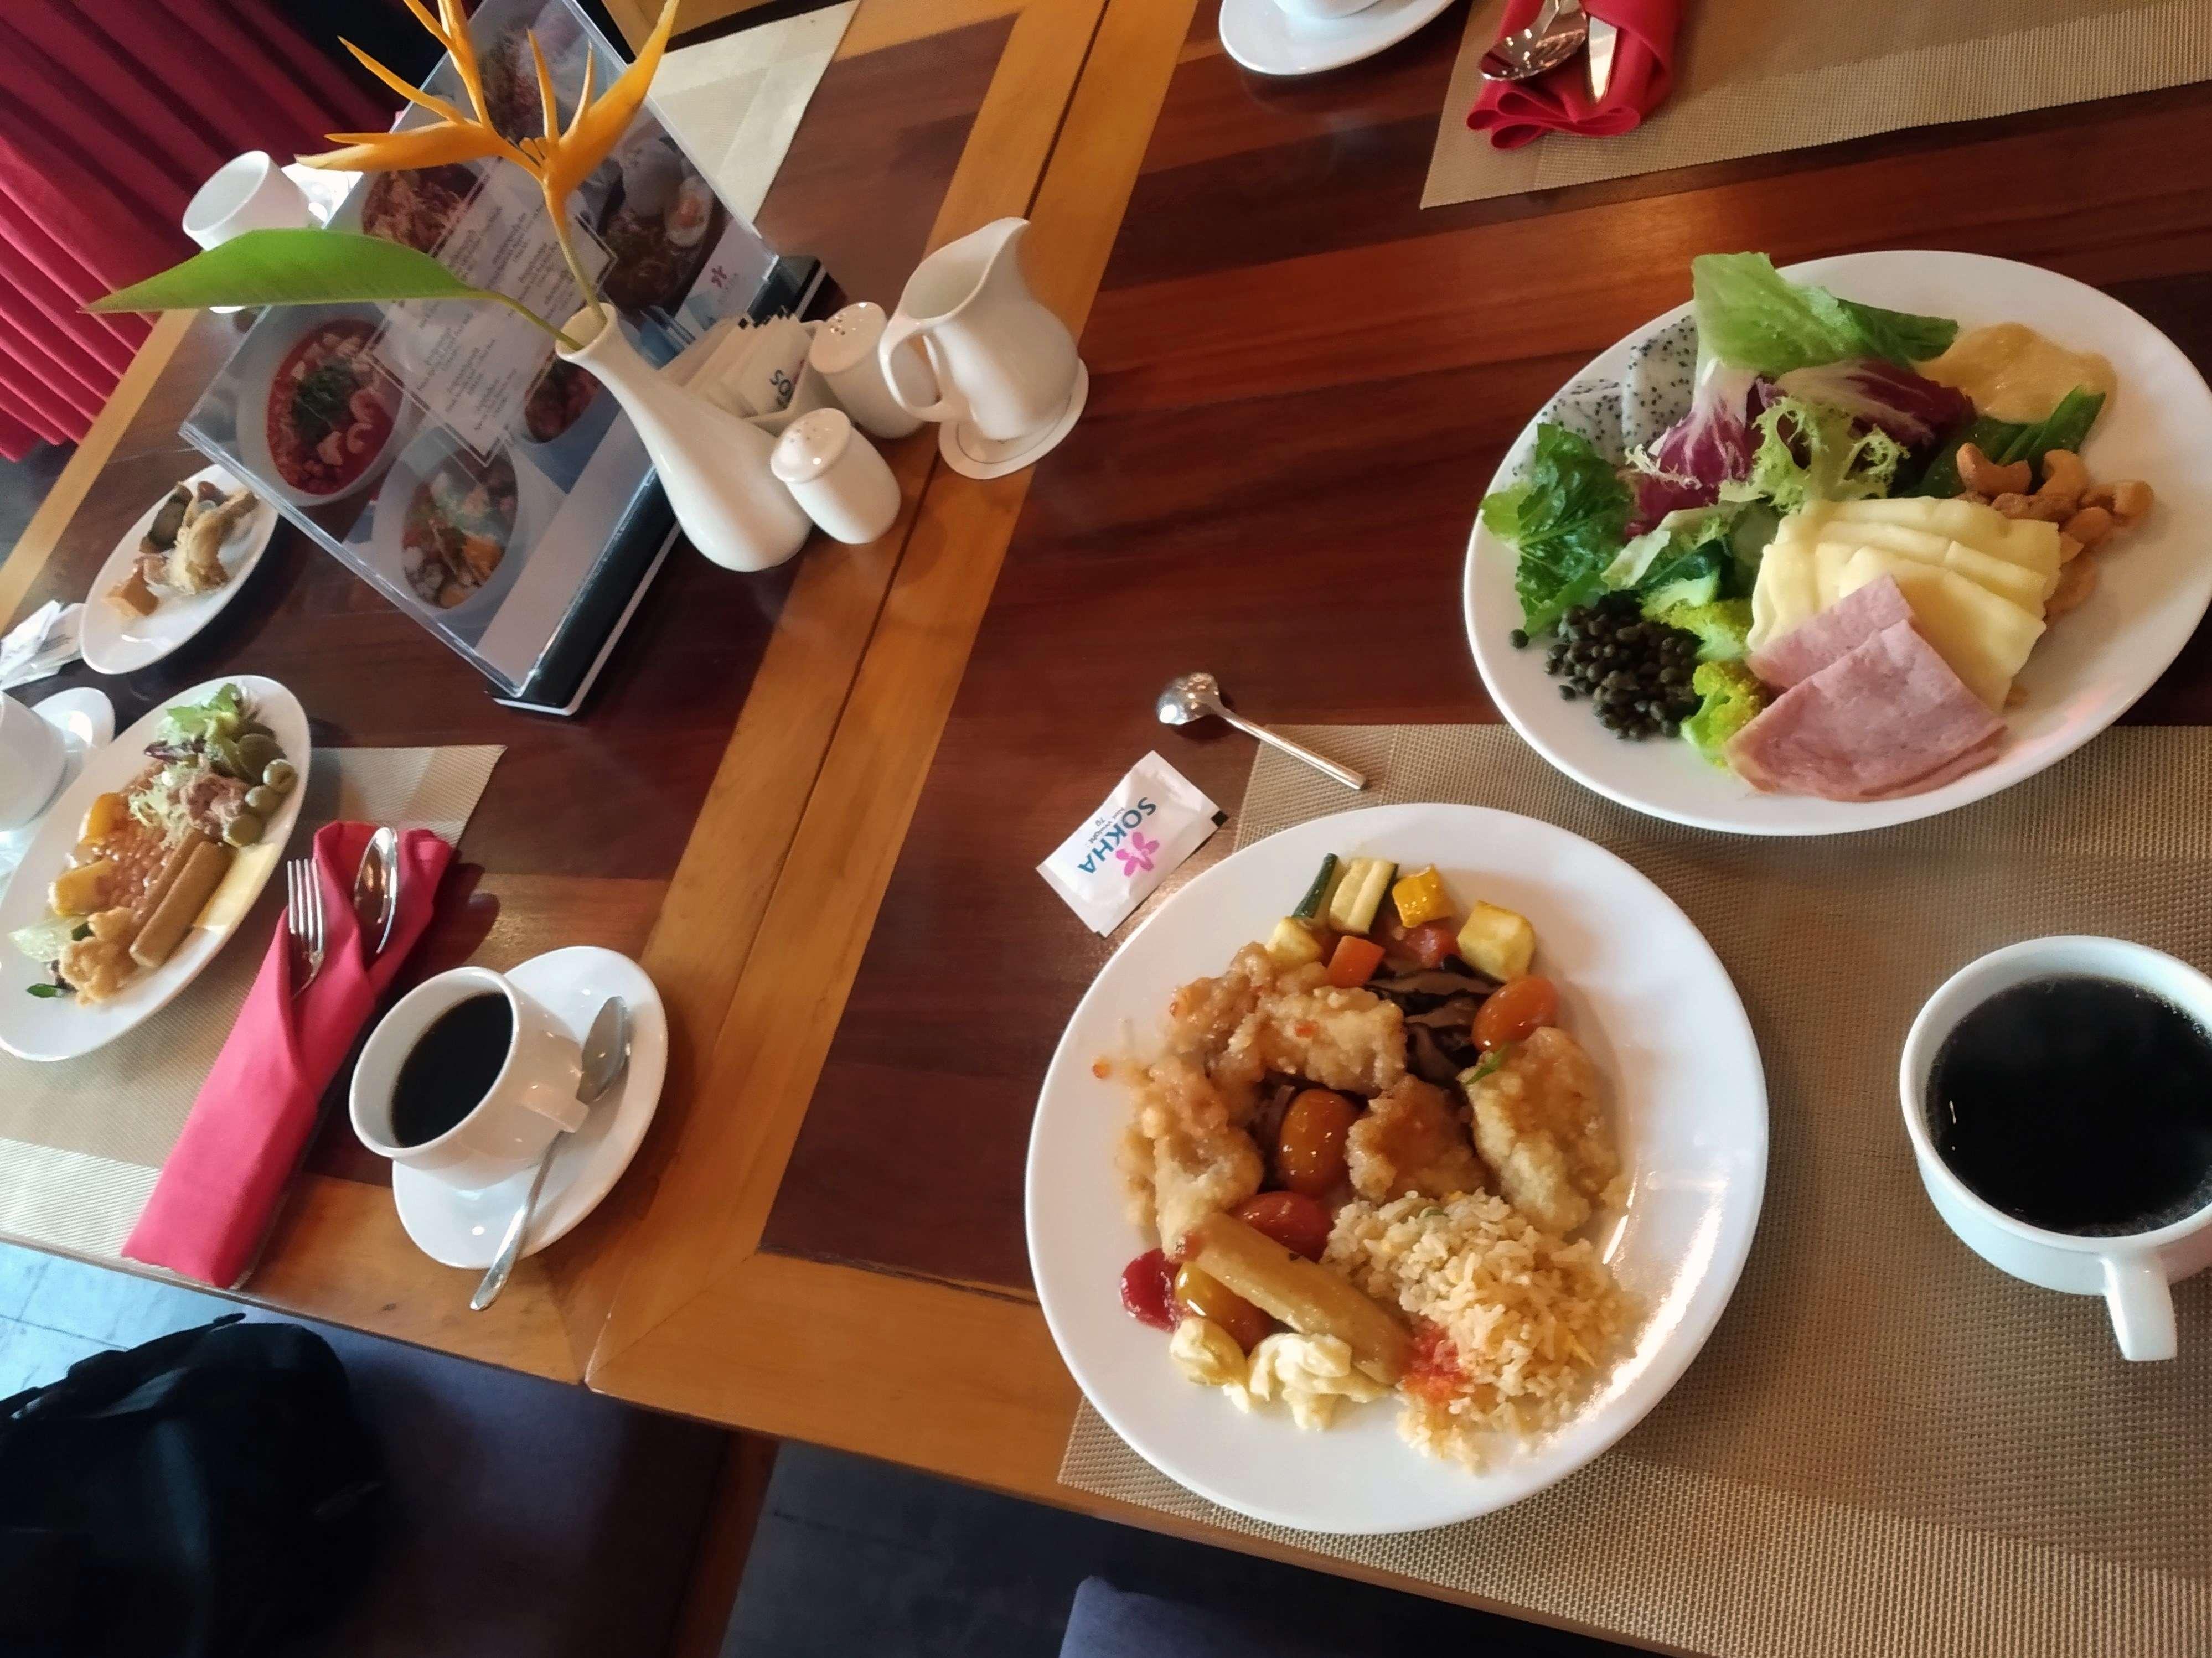 Кухня Камбоджи: если блюдо укусило Вас в ответ, значит, оно очень свежее! Часть 2